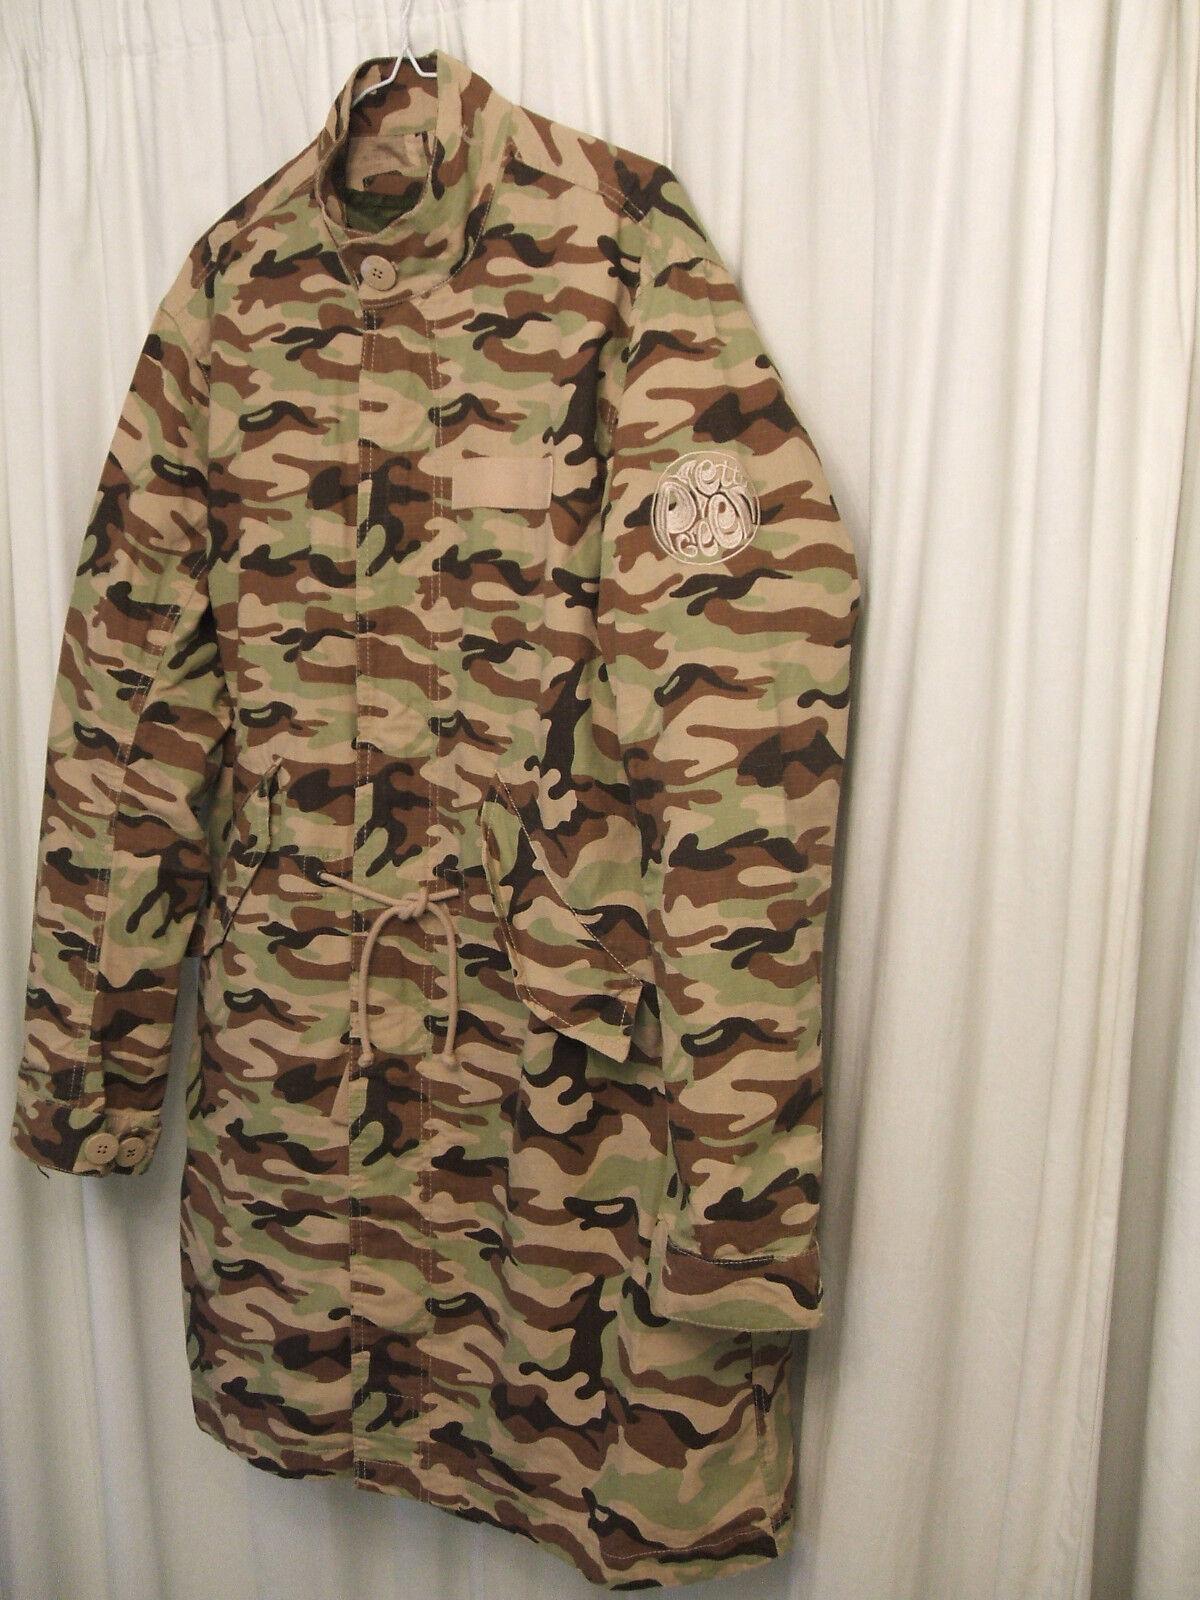 Pretty Grün Deansgate Camouflage Parka Größe Small  New w/o tags. Liam Gallagher